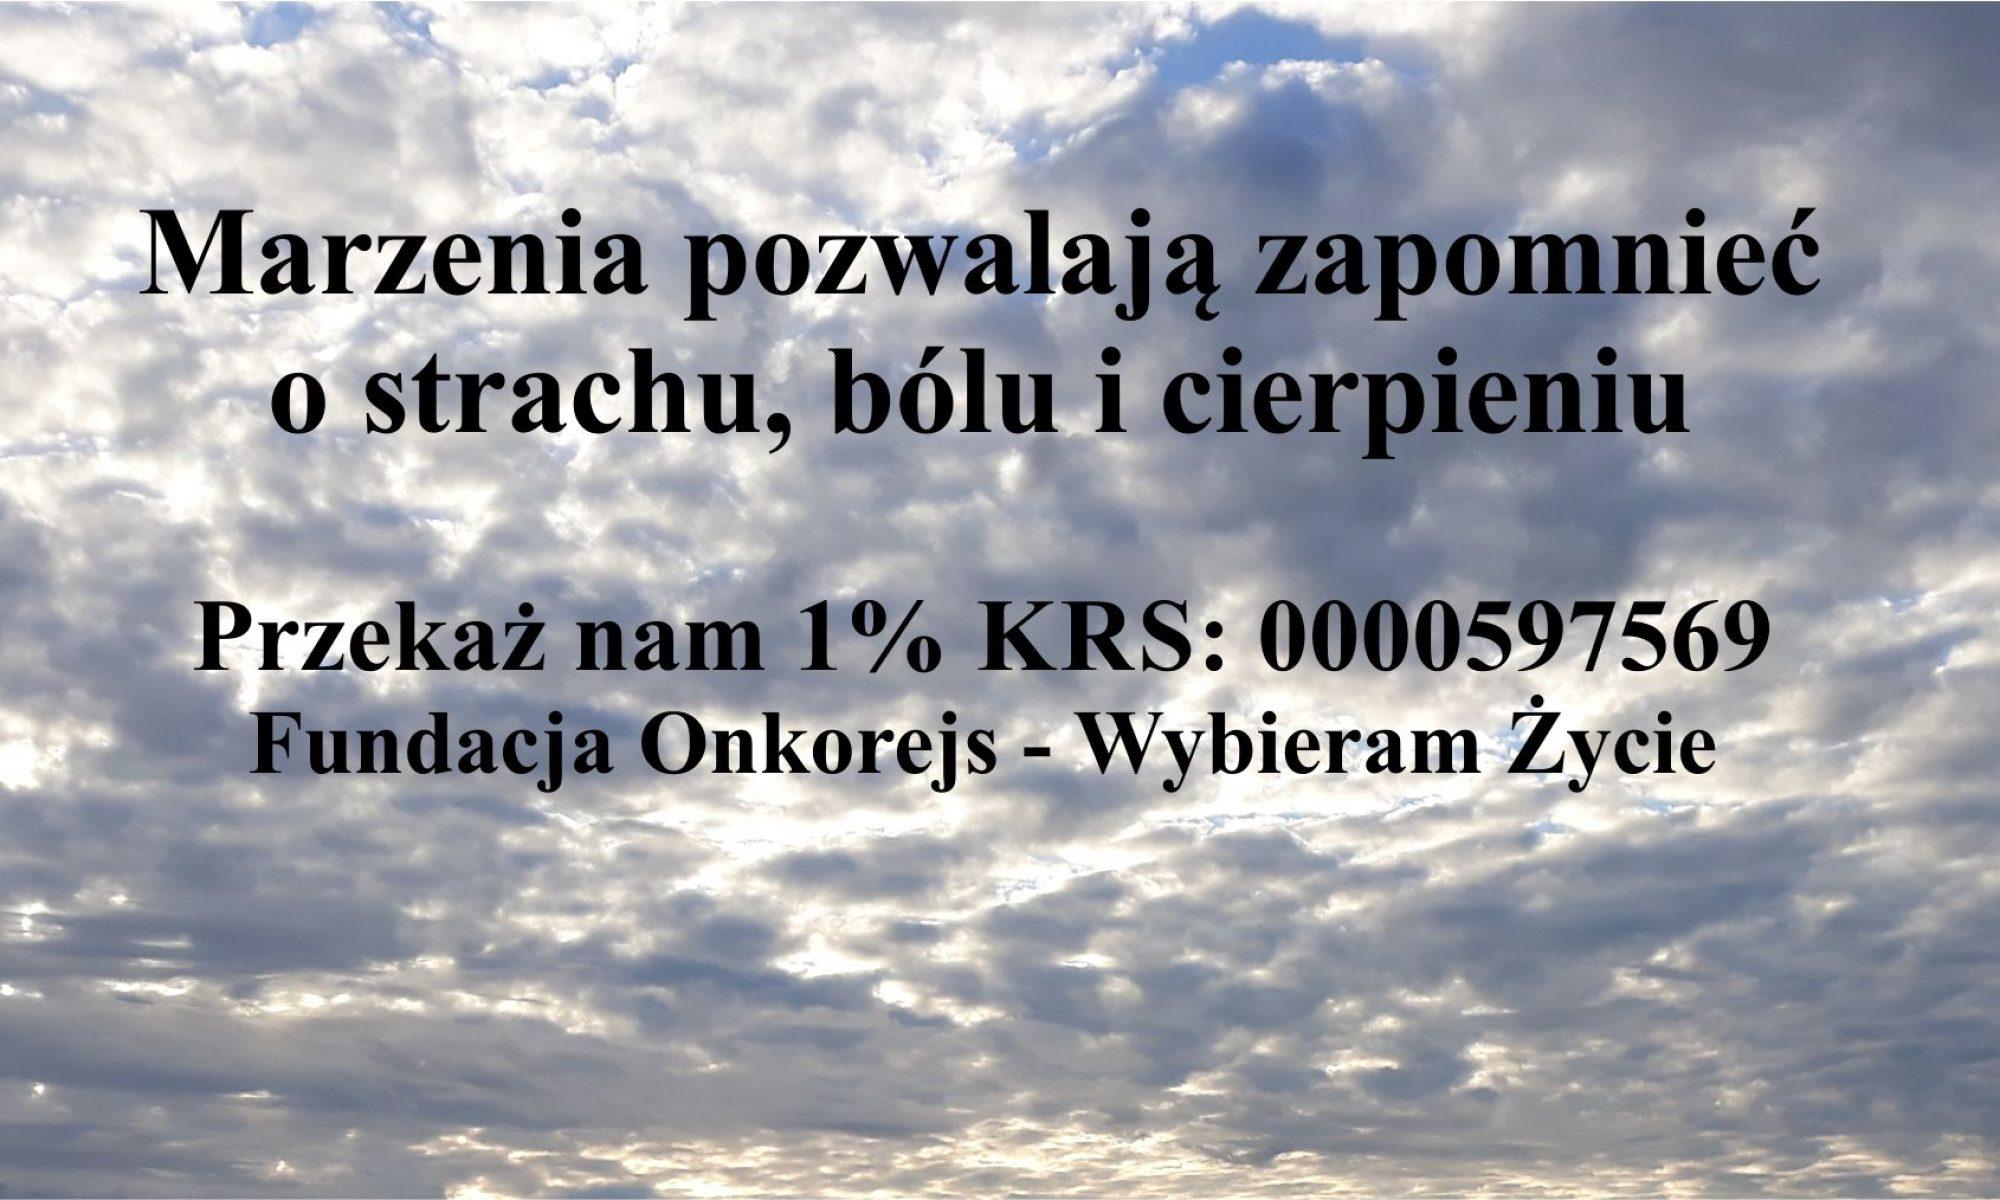 Onkorejs.pl